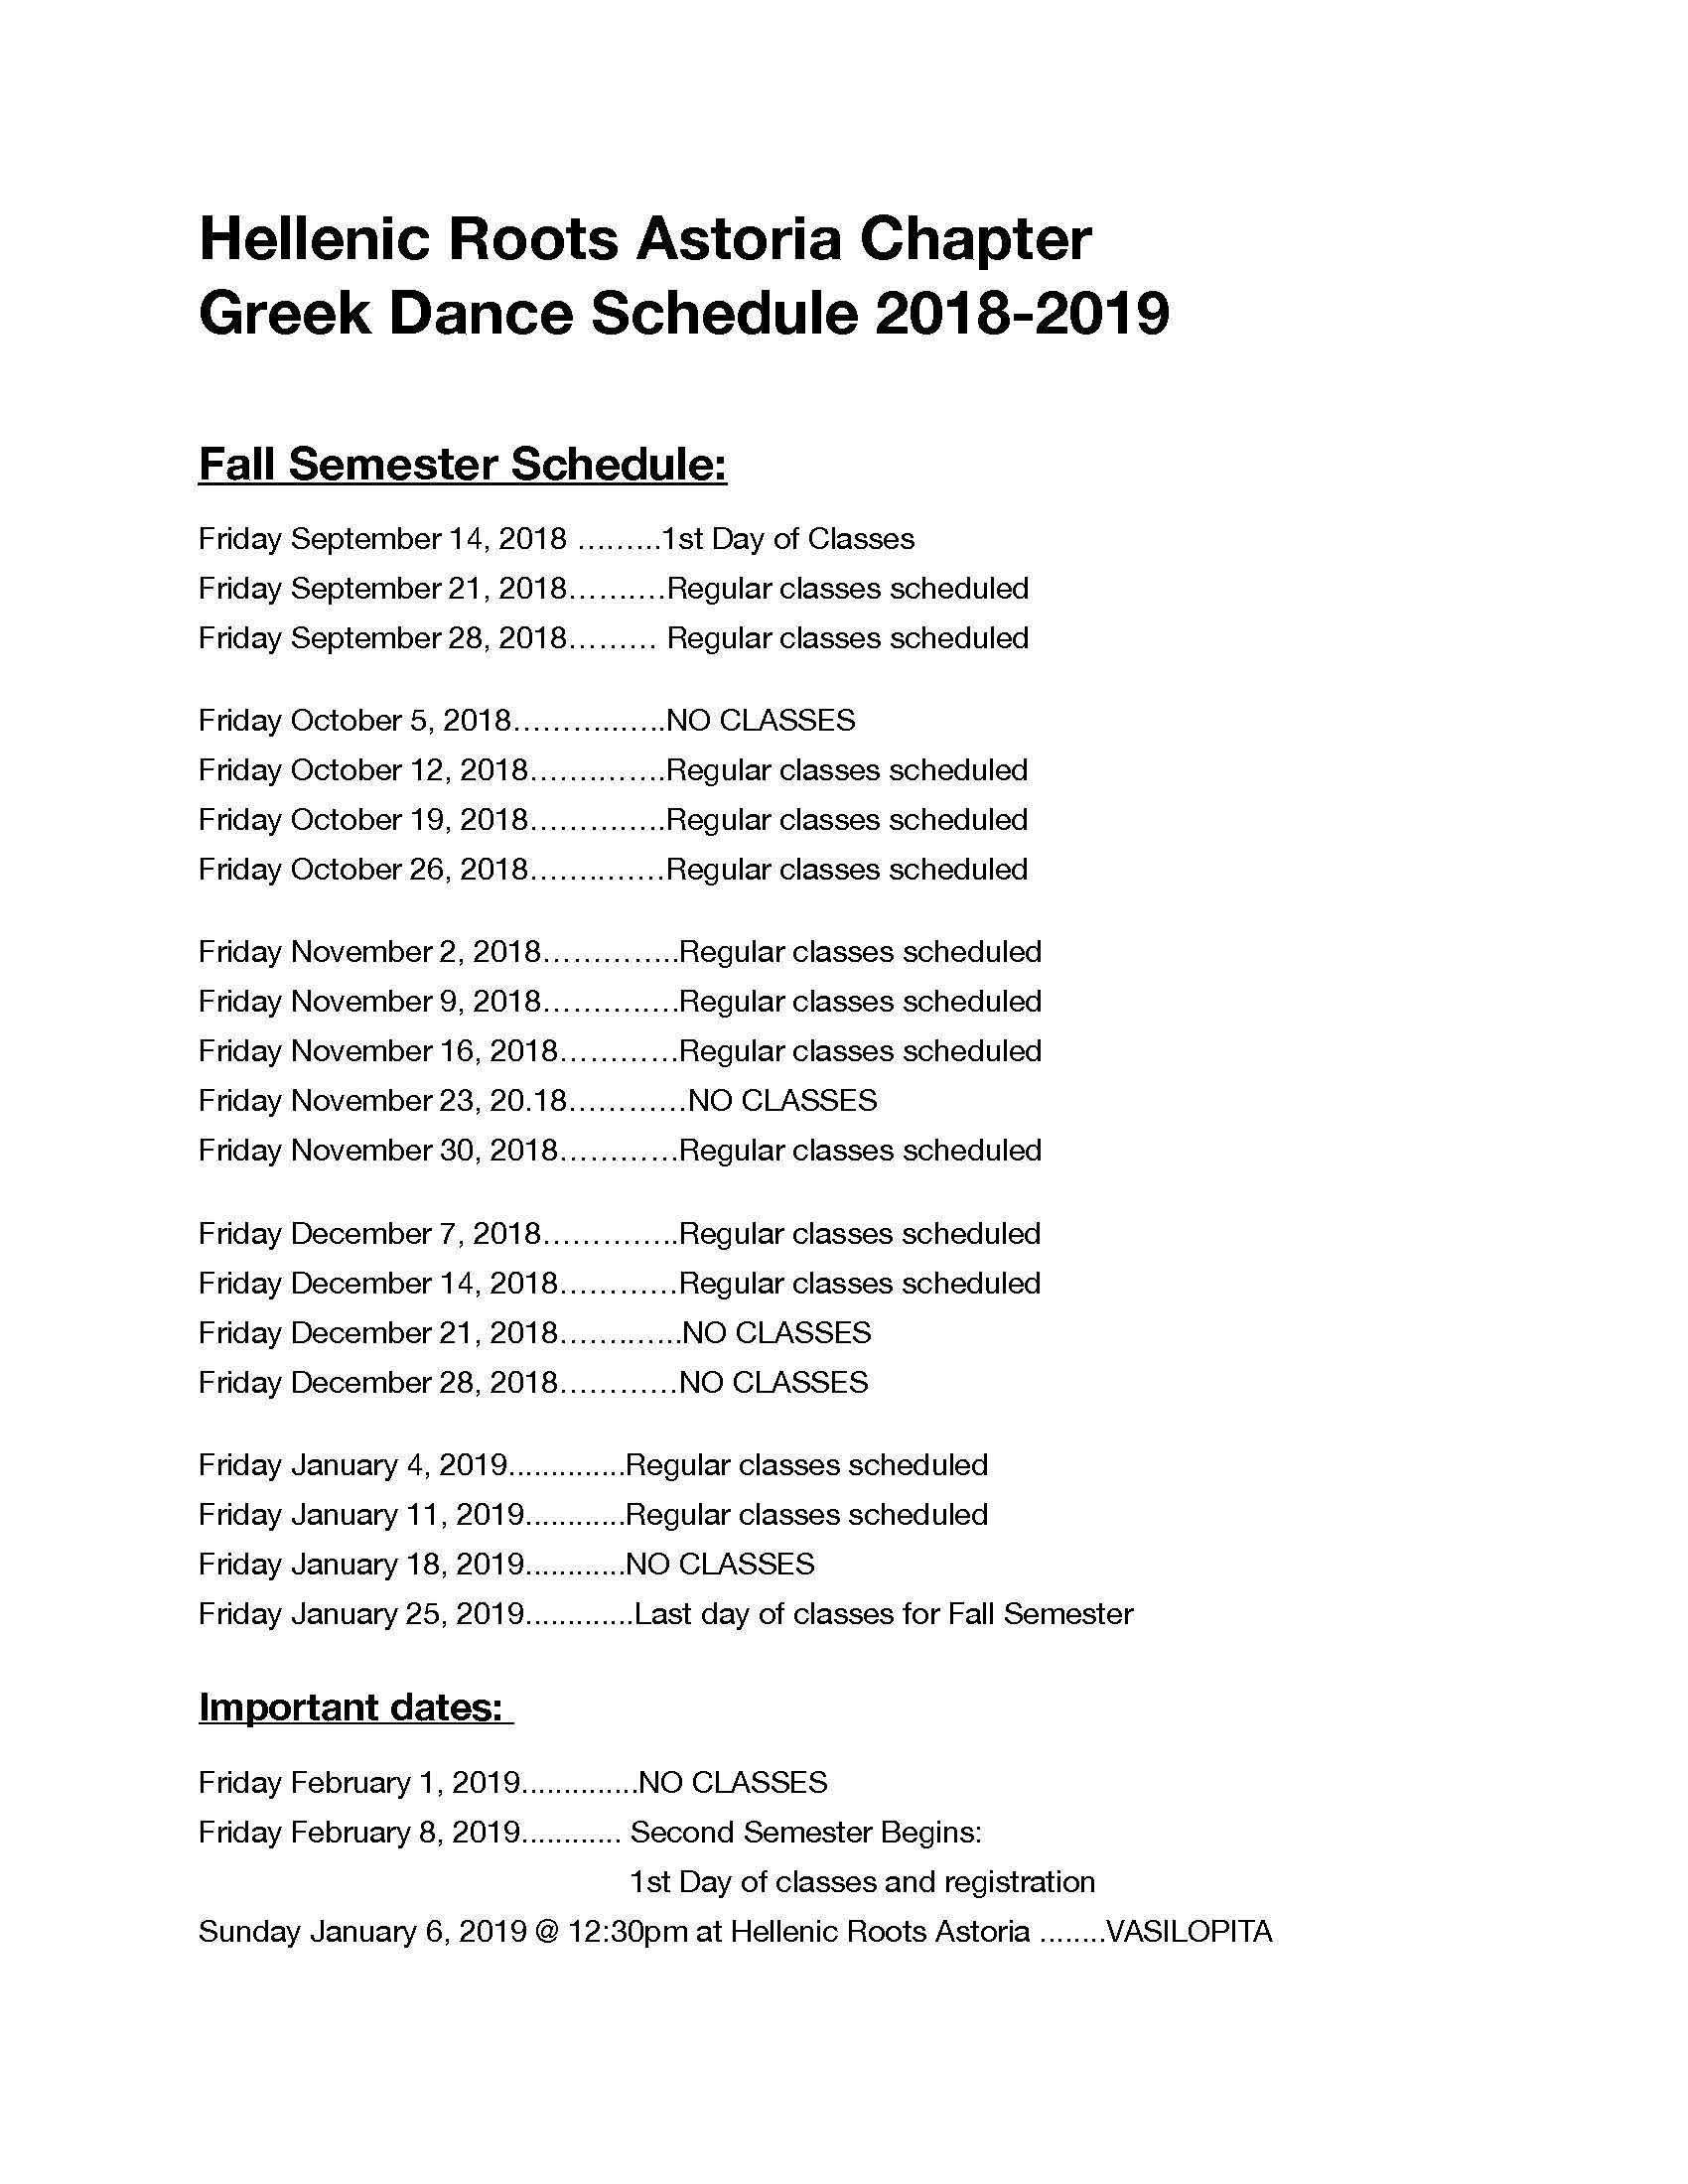 Hellenic Roots Astoria Class Schedule Fall 2018